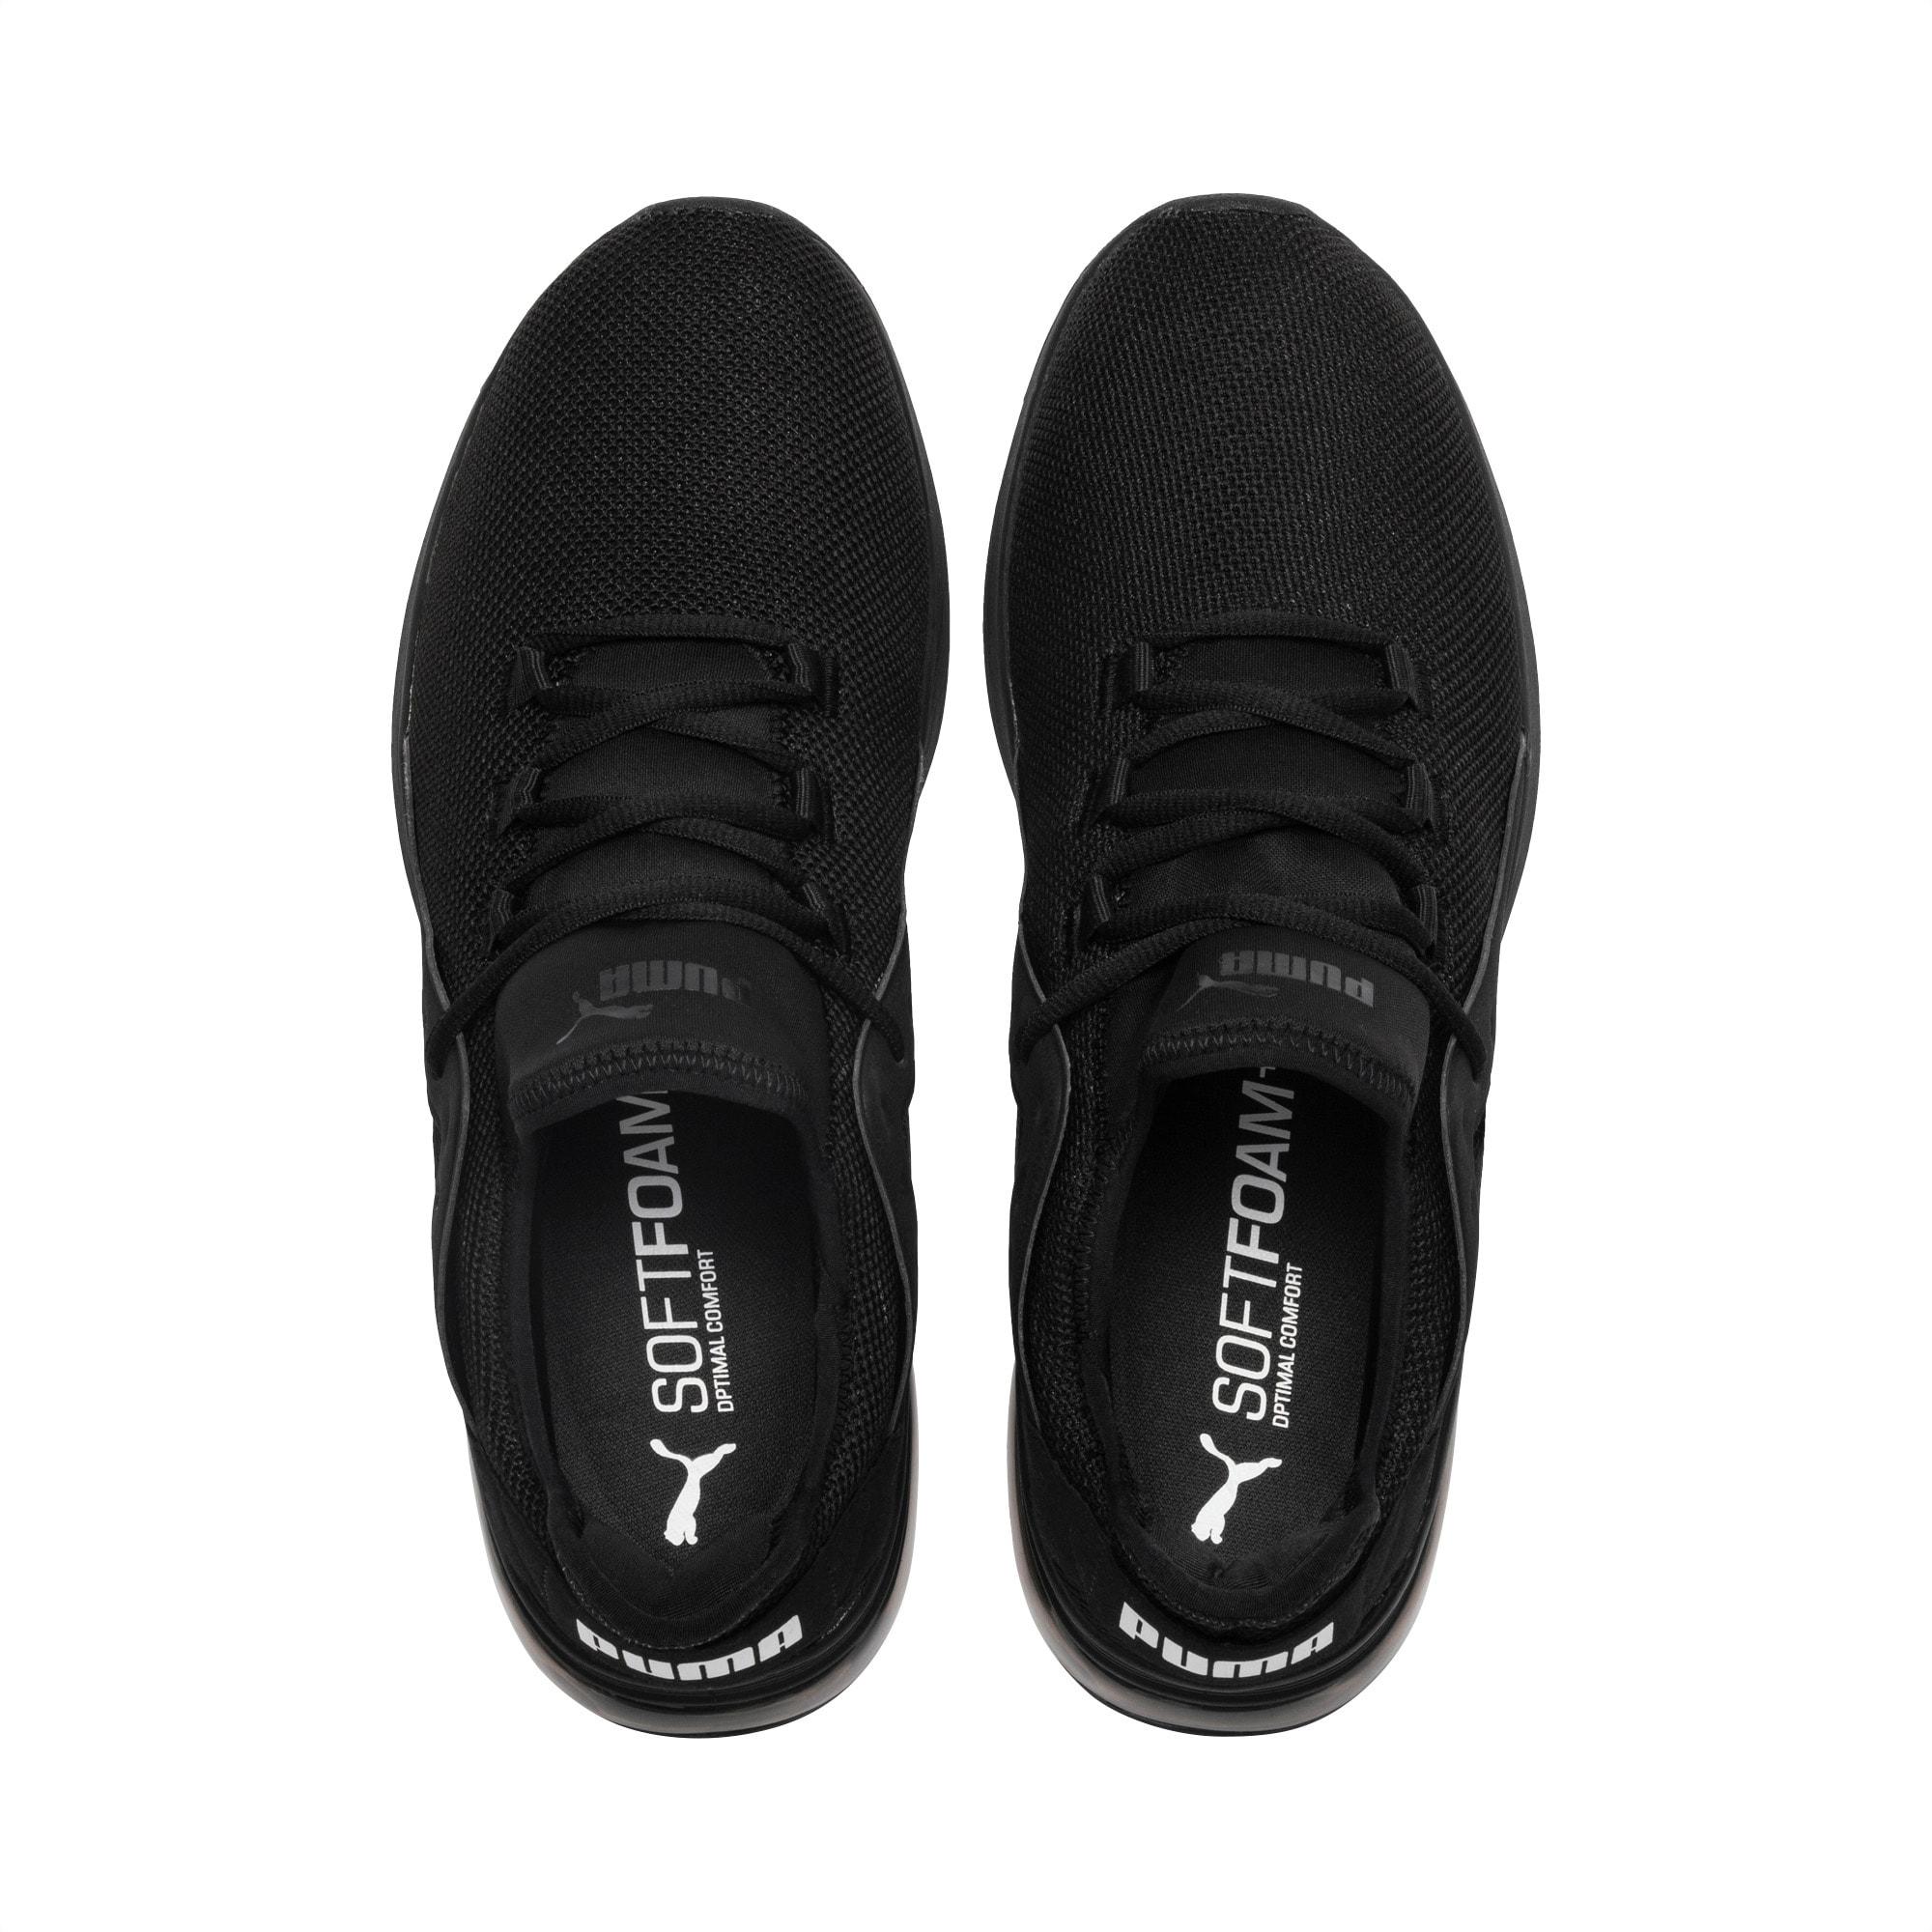 Zapatos deportivos Electron Street para hombre